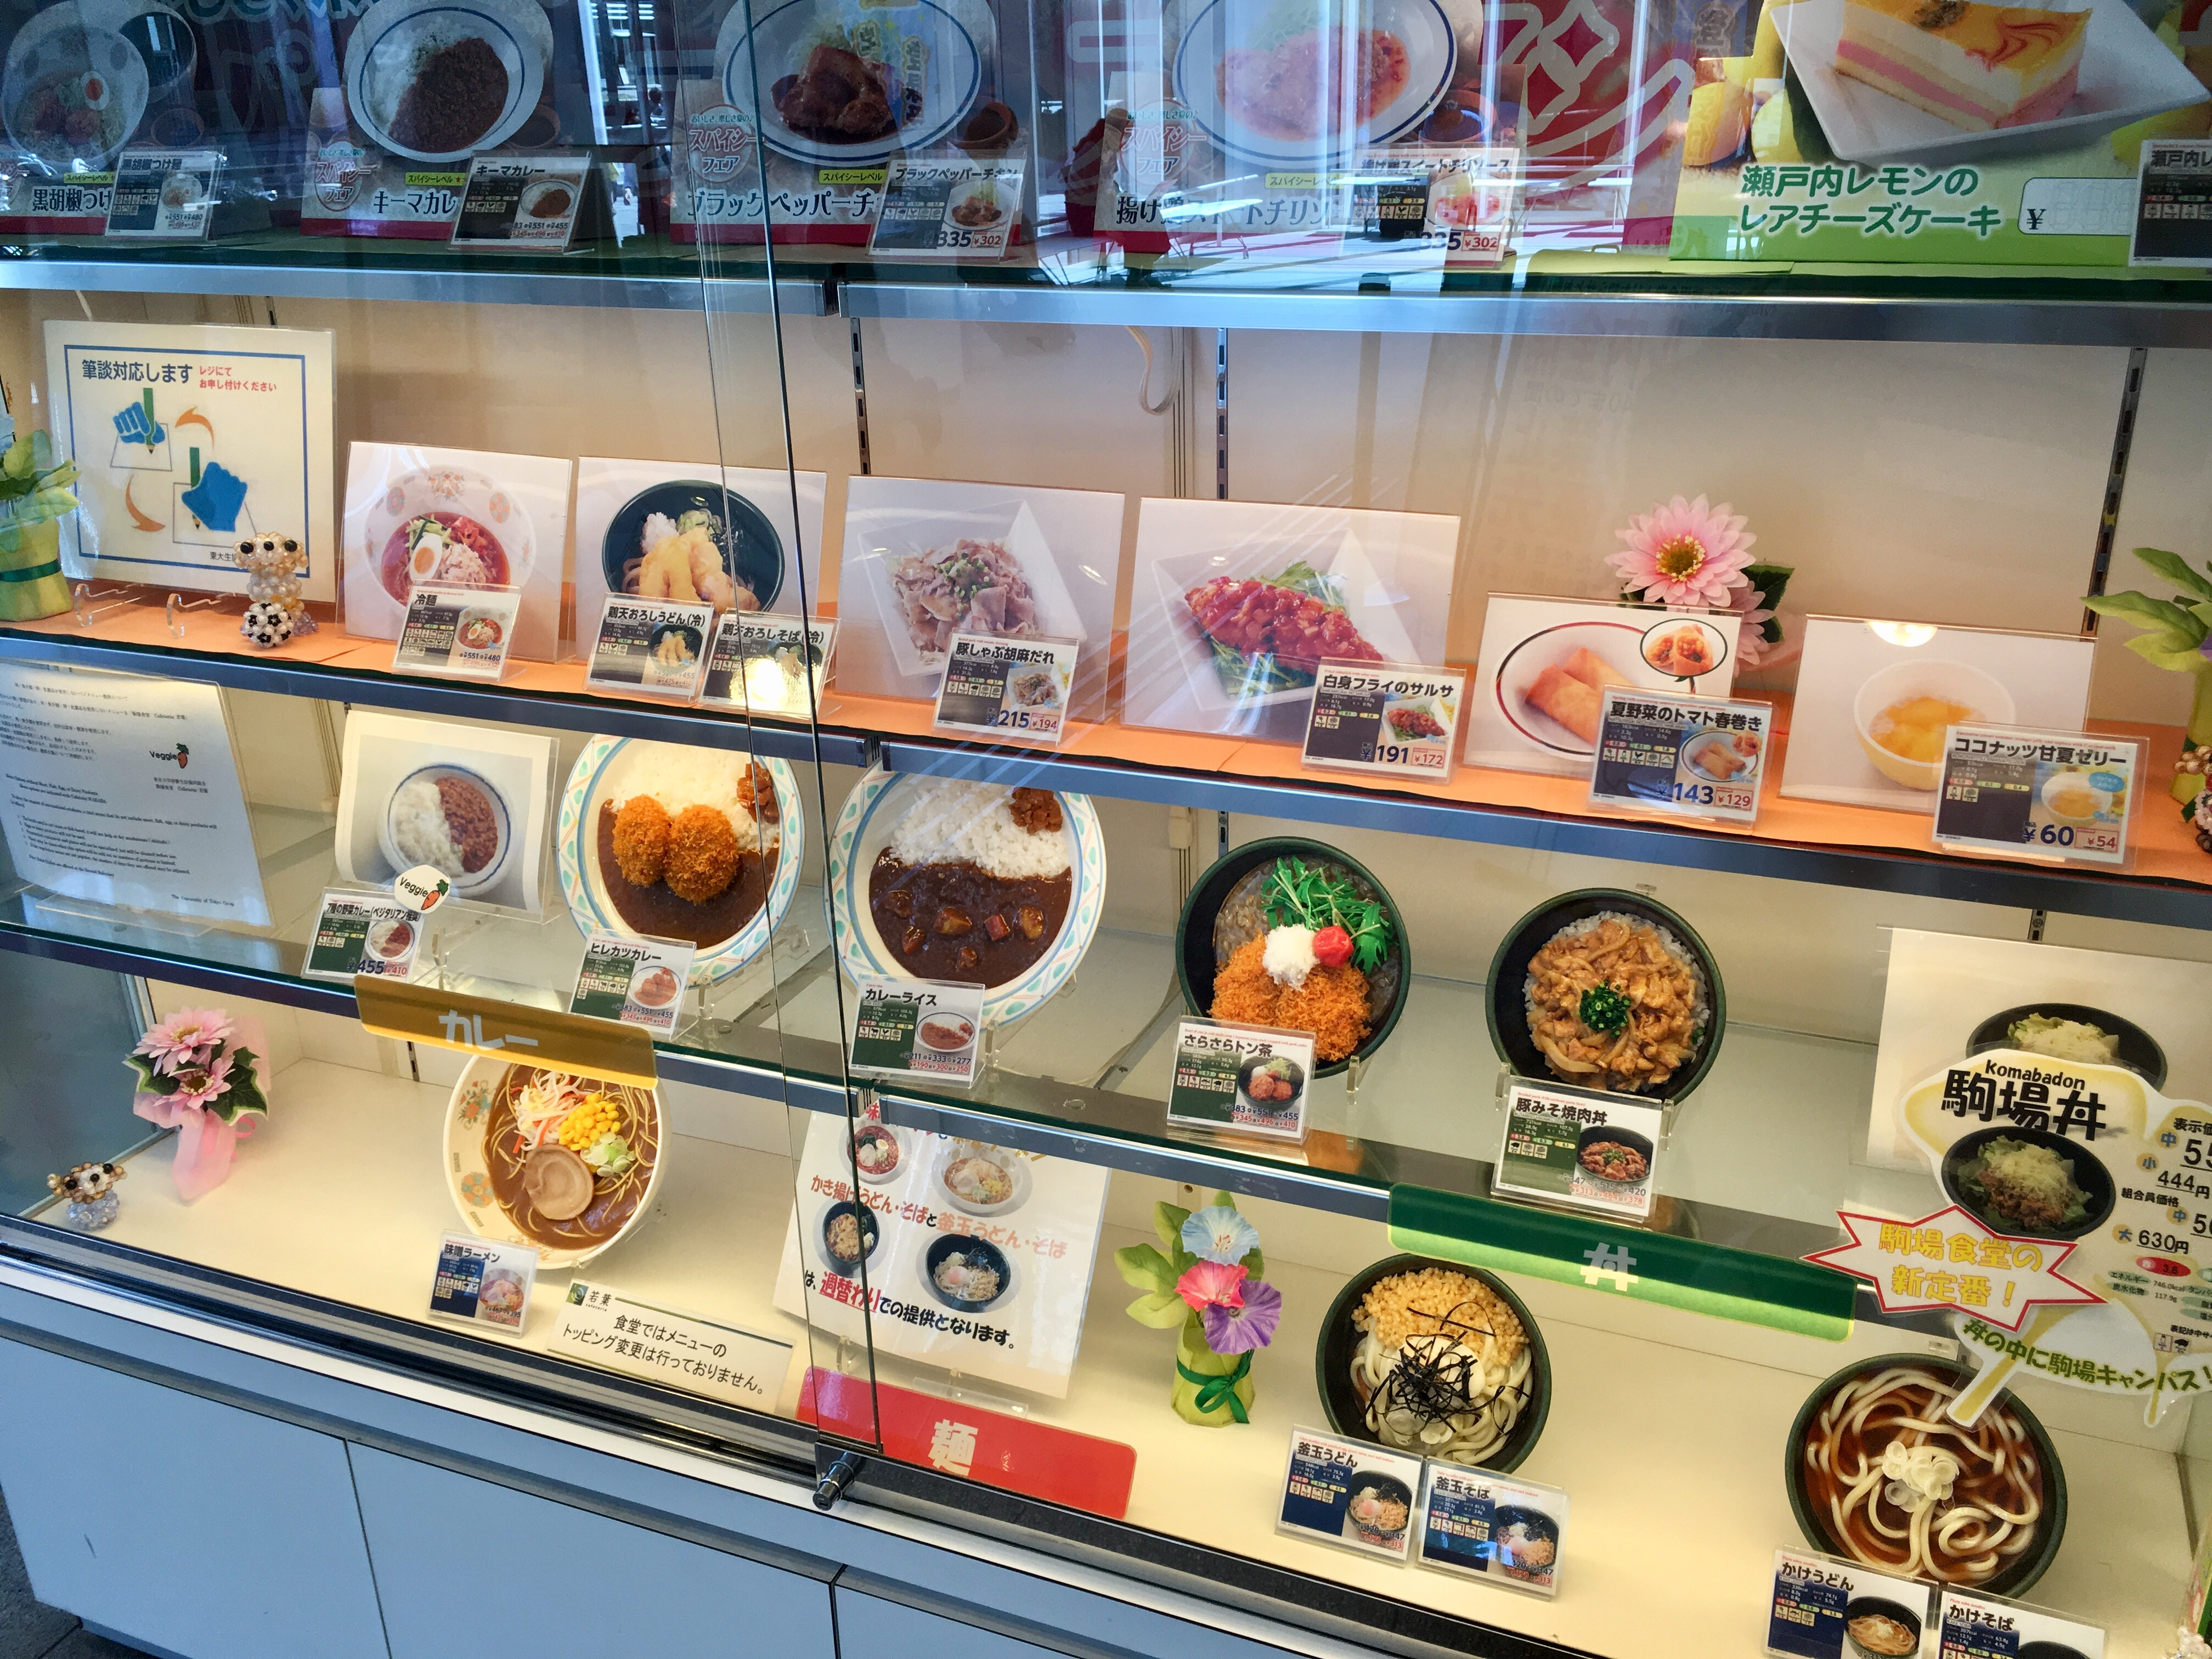 駒場東大の生協食堂「カフェテリア若葉」でランチ。栄養バランスが取れて安い!